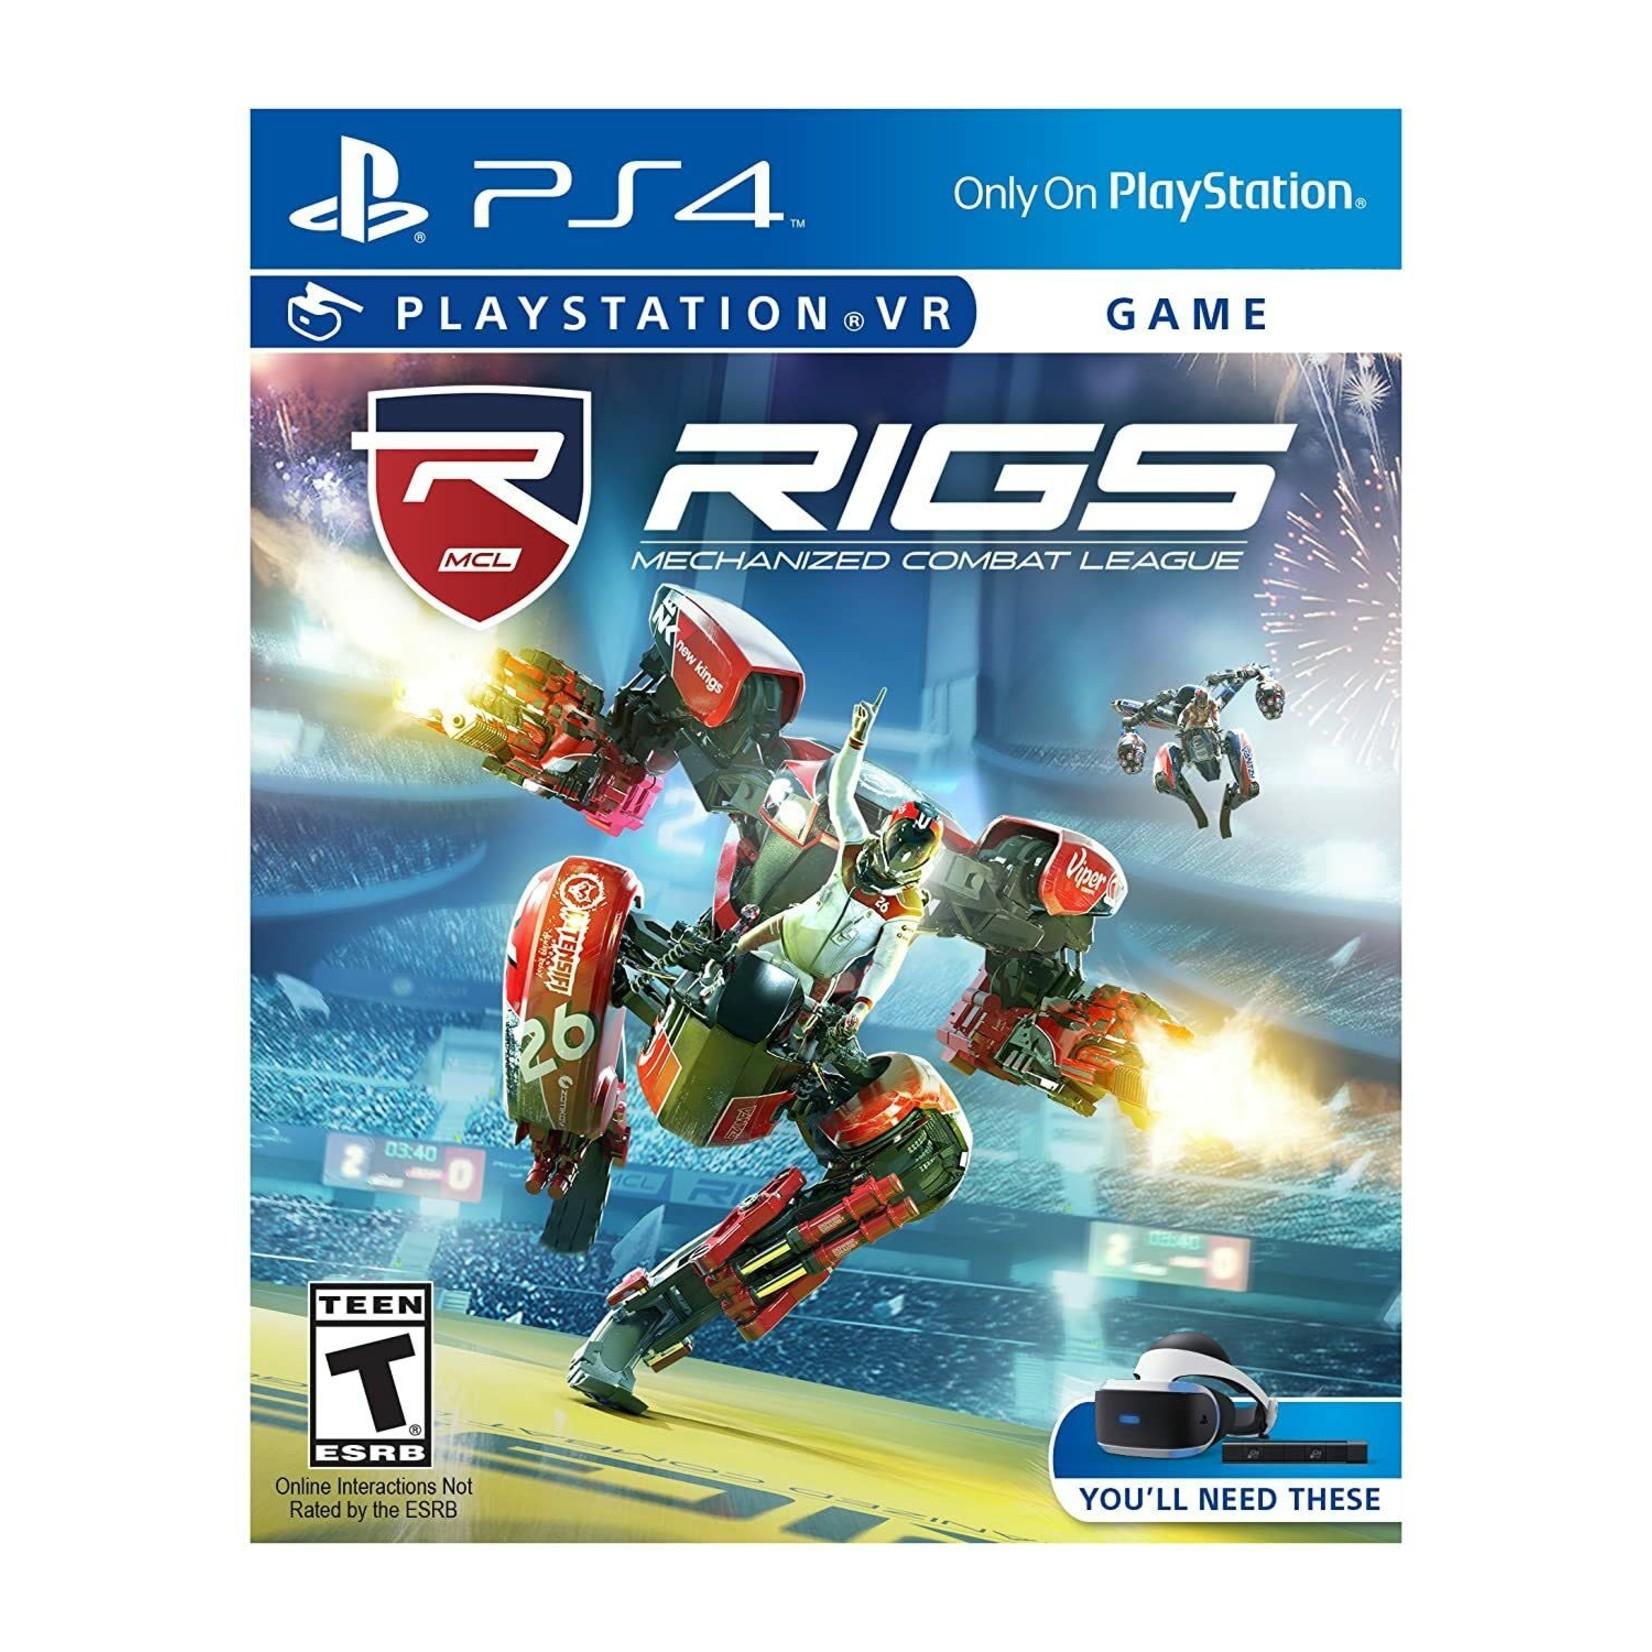 PS4U-RIGS Mechanized Combat League VR